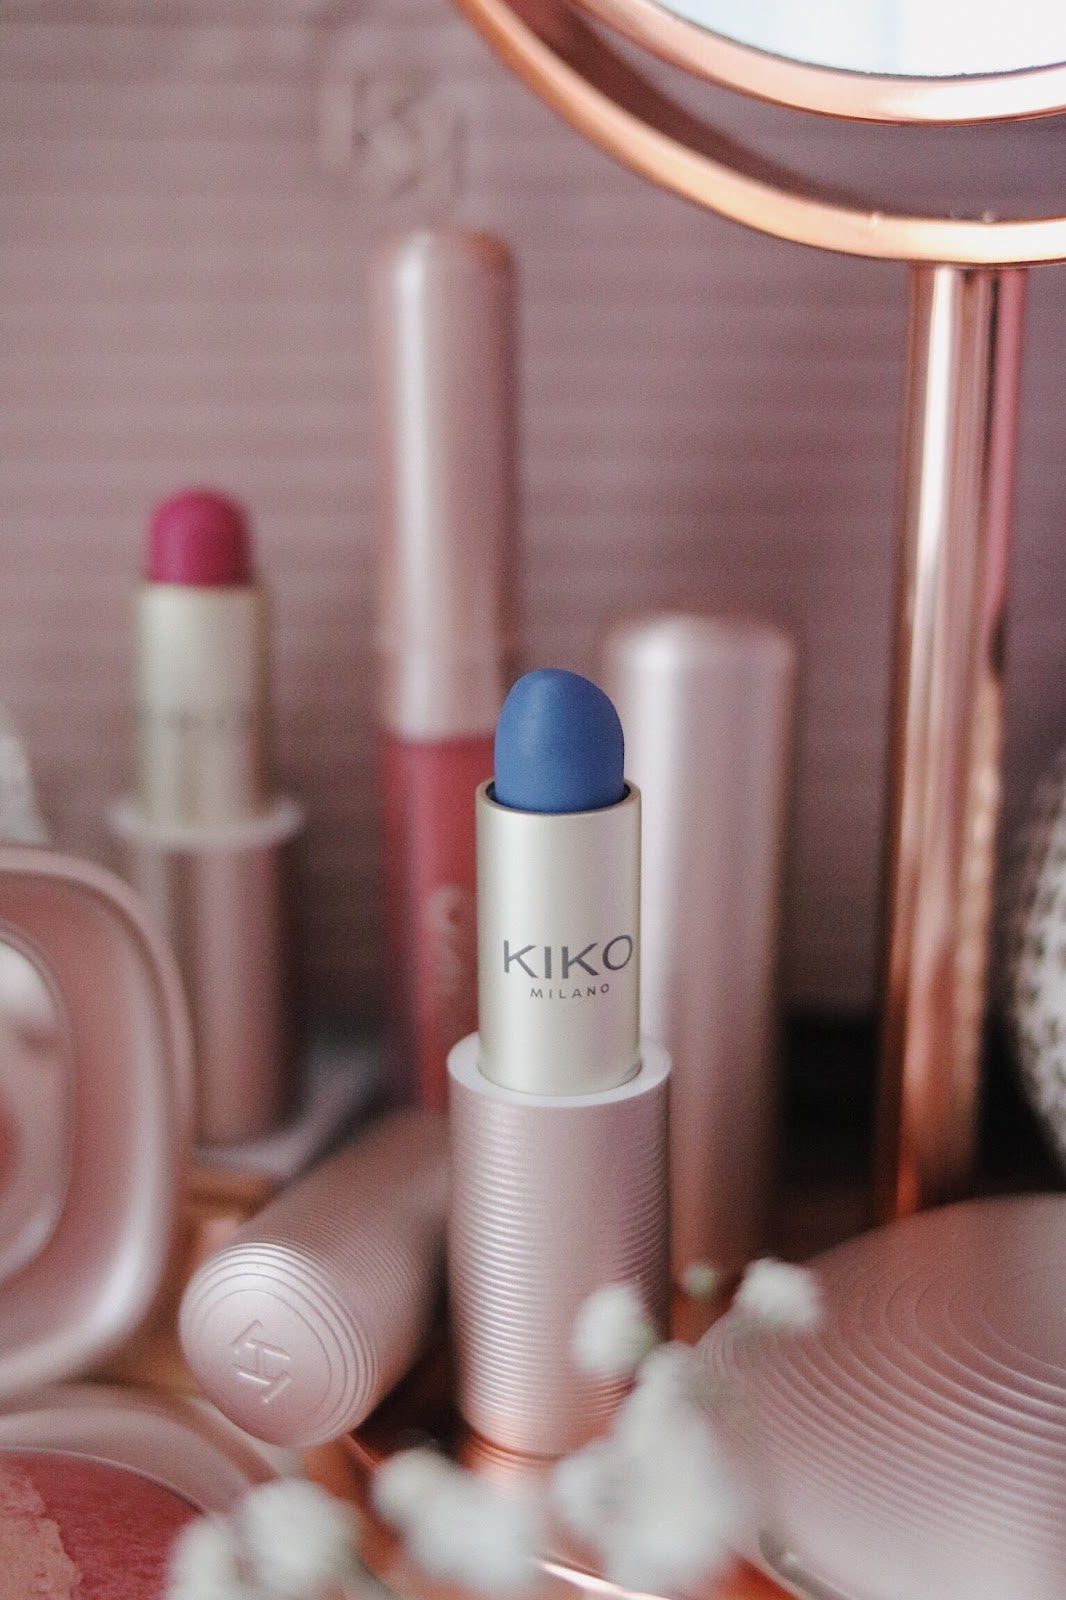 Summer 2.0 , baked blush , rose lovegrove , kiko milano , kiko france , revue , avis , swatch ,  Dreaming Iris , rose mademoiselle , rosemademoiselle , blog beauté , paris , Spring 2.0